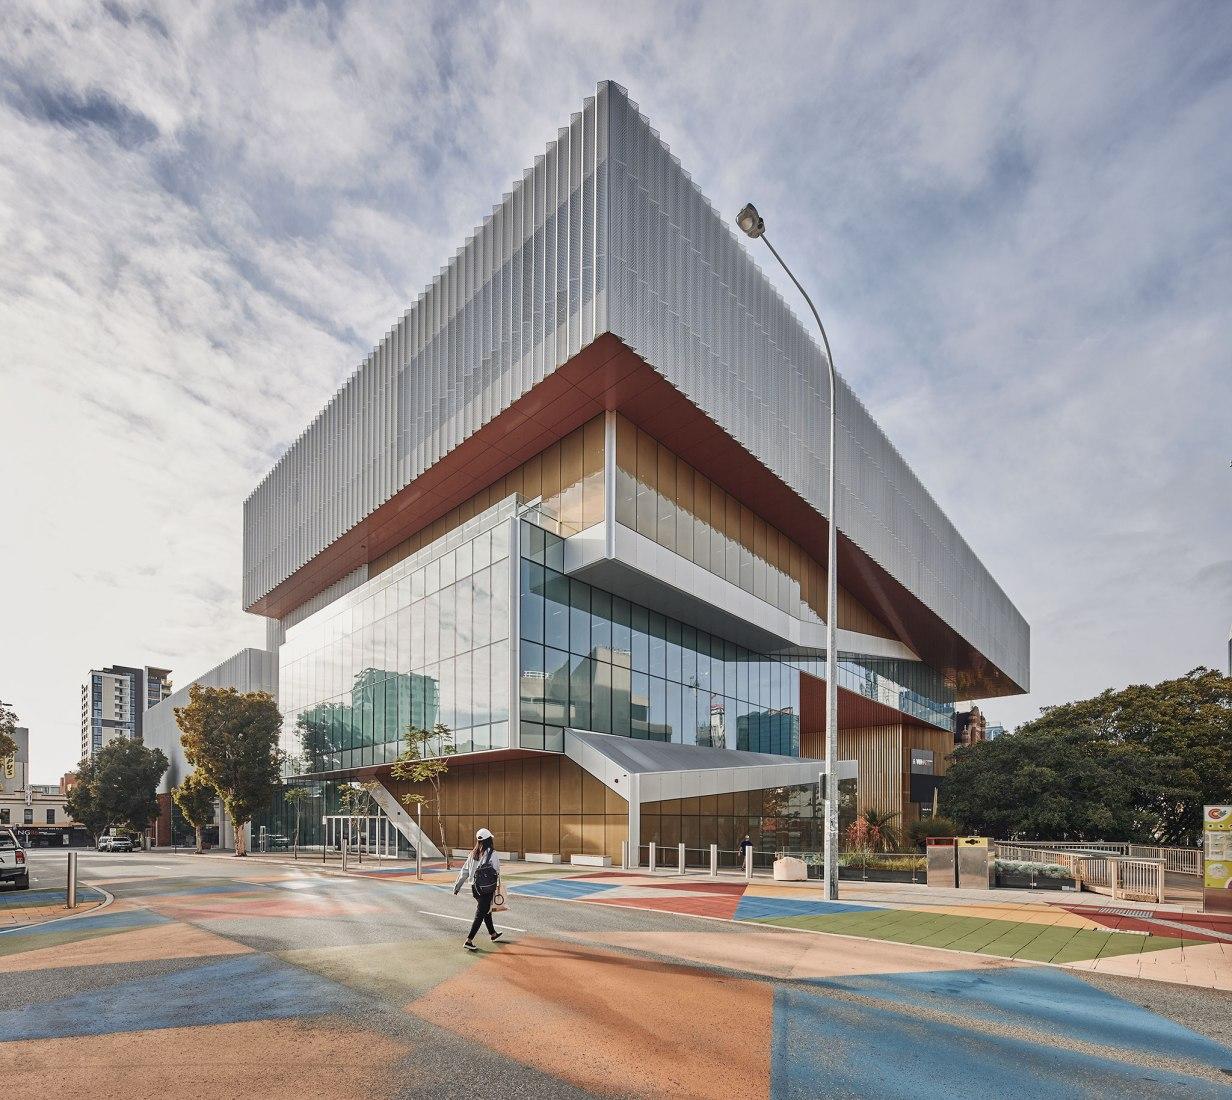 Museo Western Australia por HASSELL + OMA. Fotografía por Peter Bennetts, cortesía de Hassell + OMA